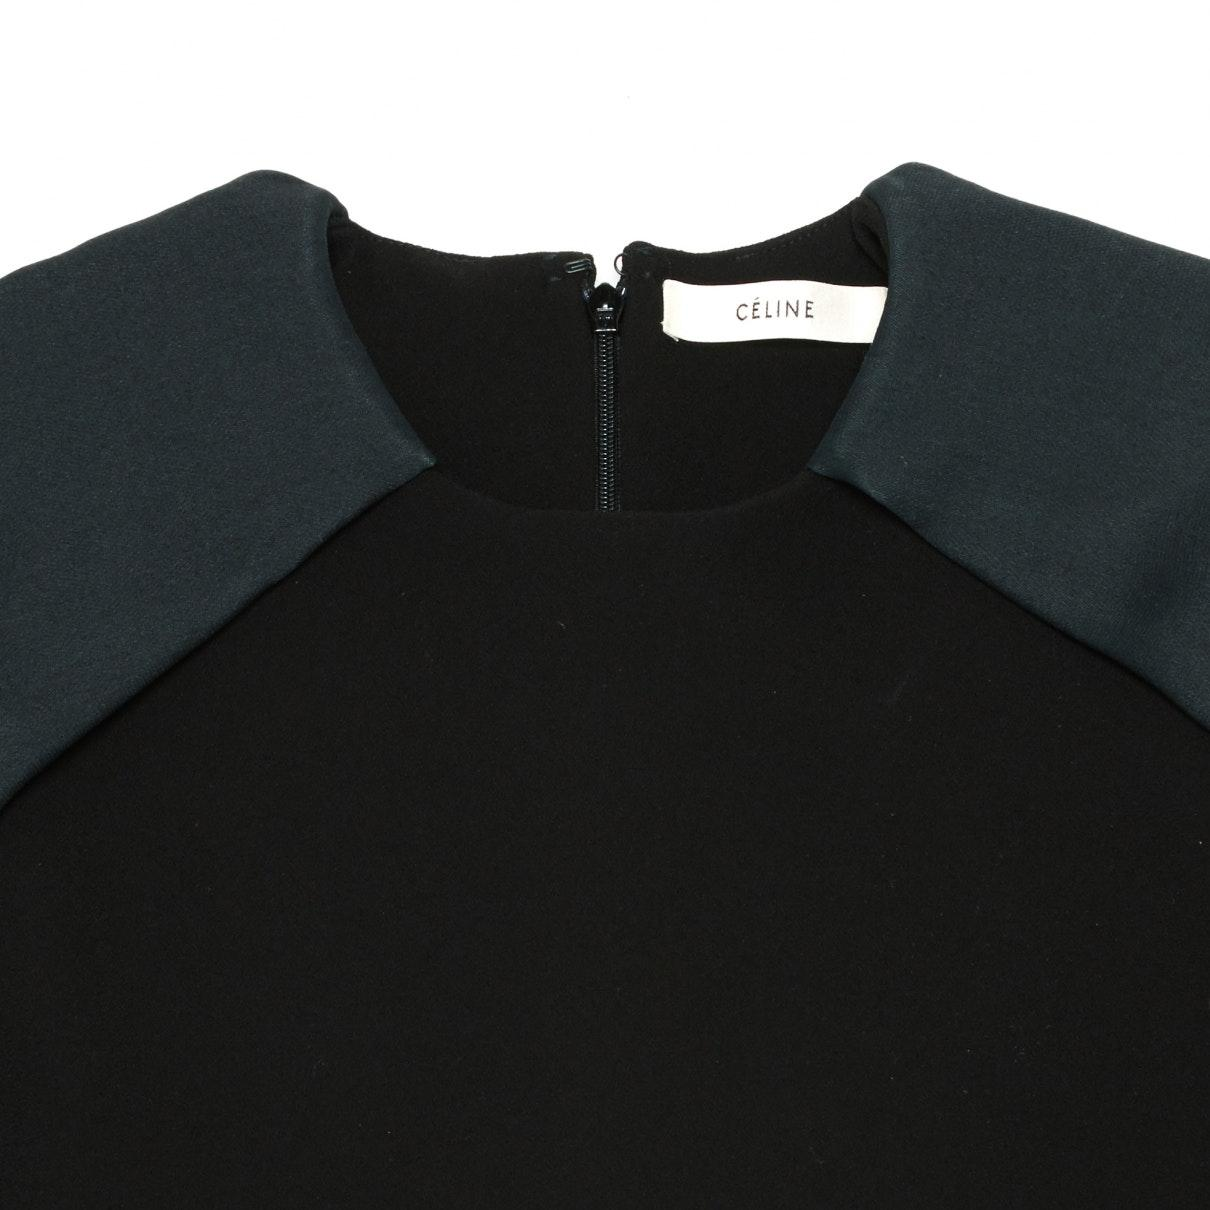 Camisa en sintético negro N Celine de Tejido sintético de color Negro